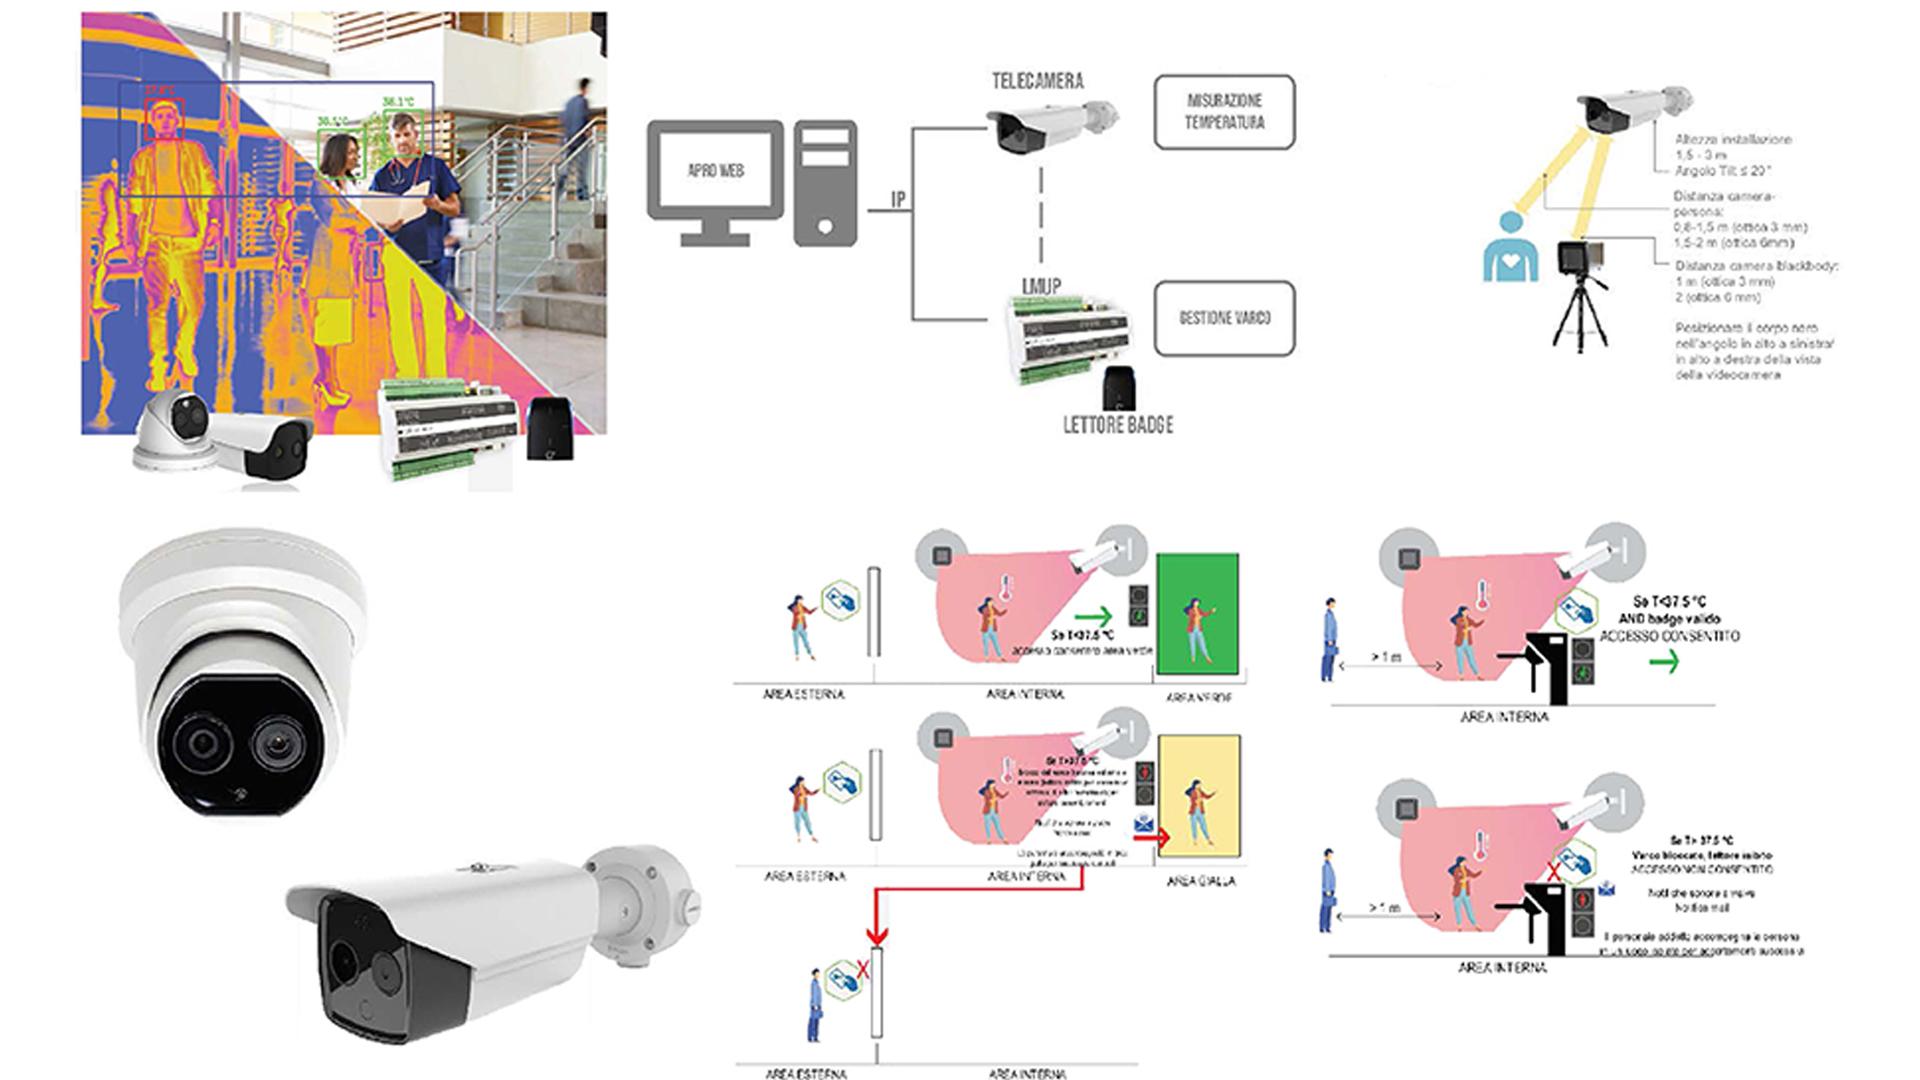 sicurezza_video_analisi_2